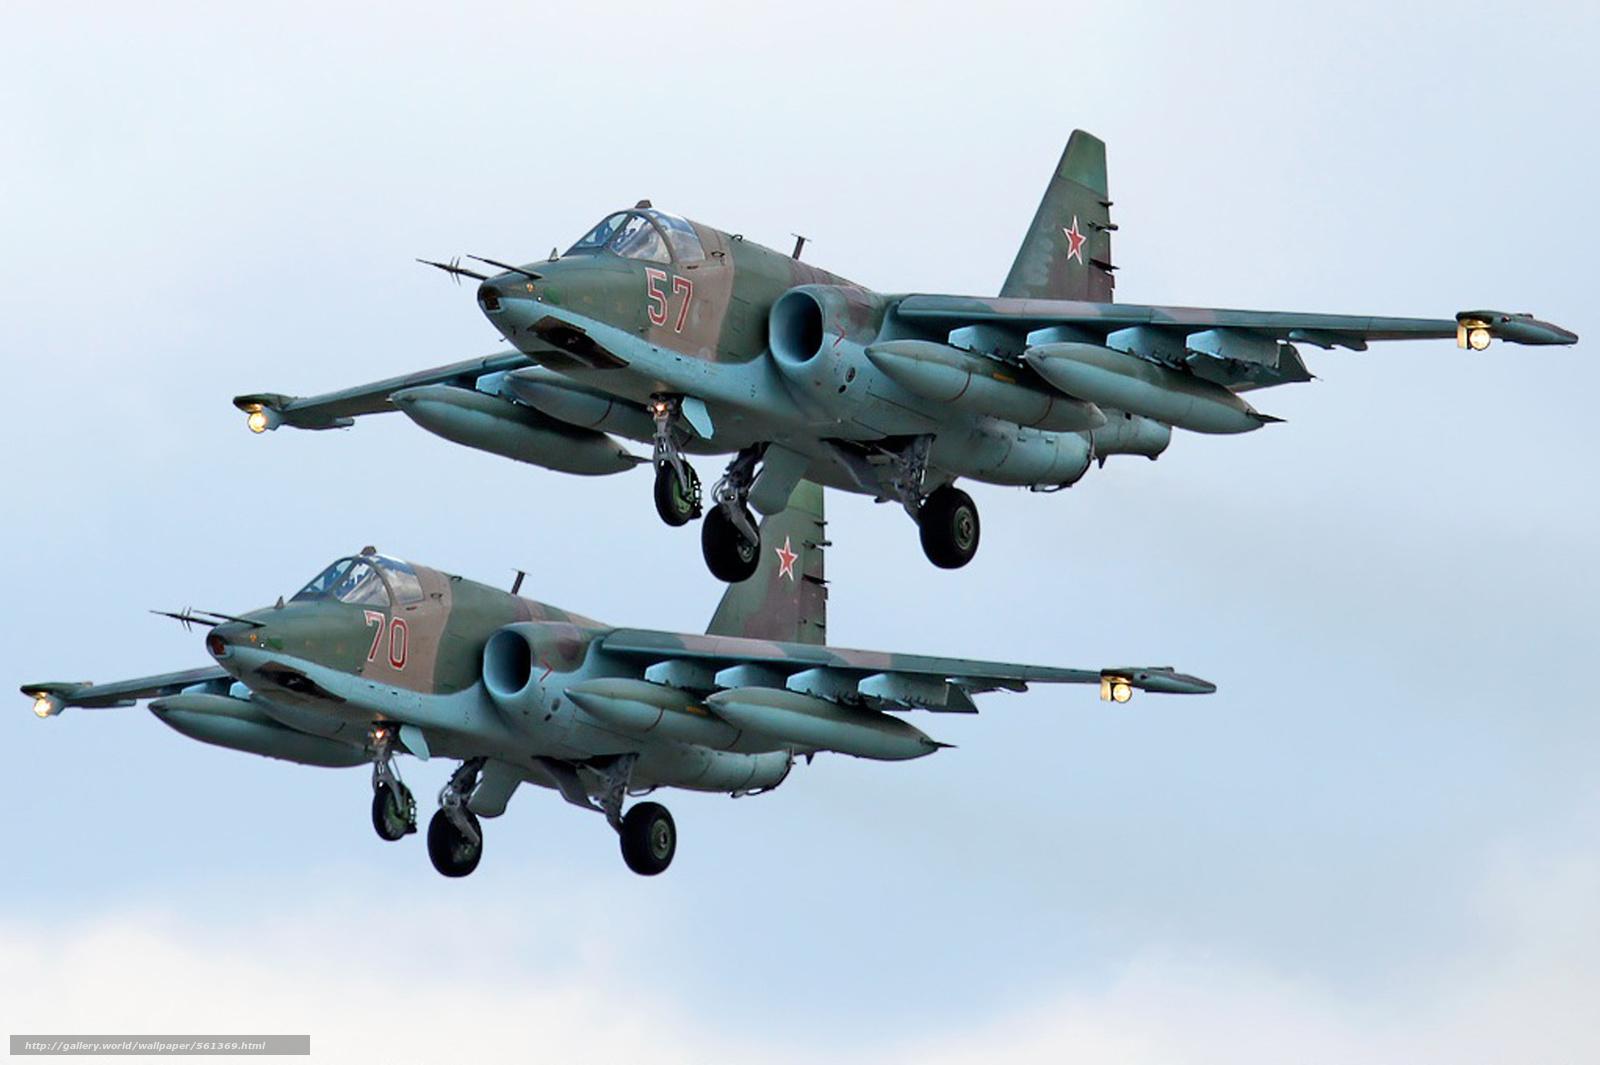 Скачать обои штурмовик,  авиа,  Су-25,  пара бесплатно для рабочего стола в разрешении 1922x1279 — картинка №561369